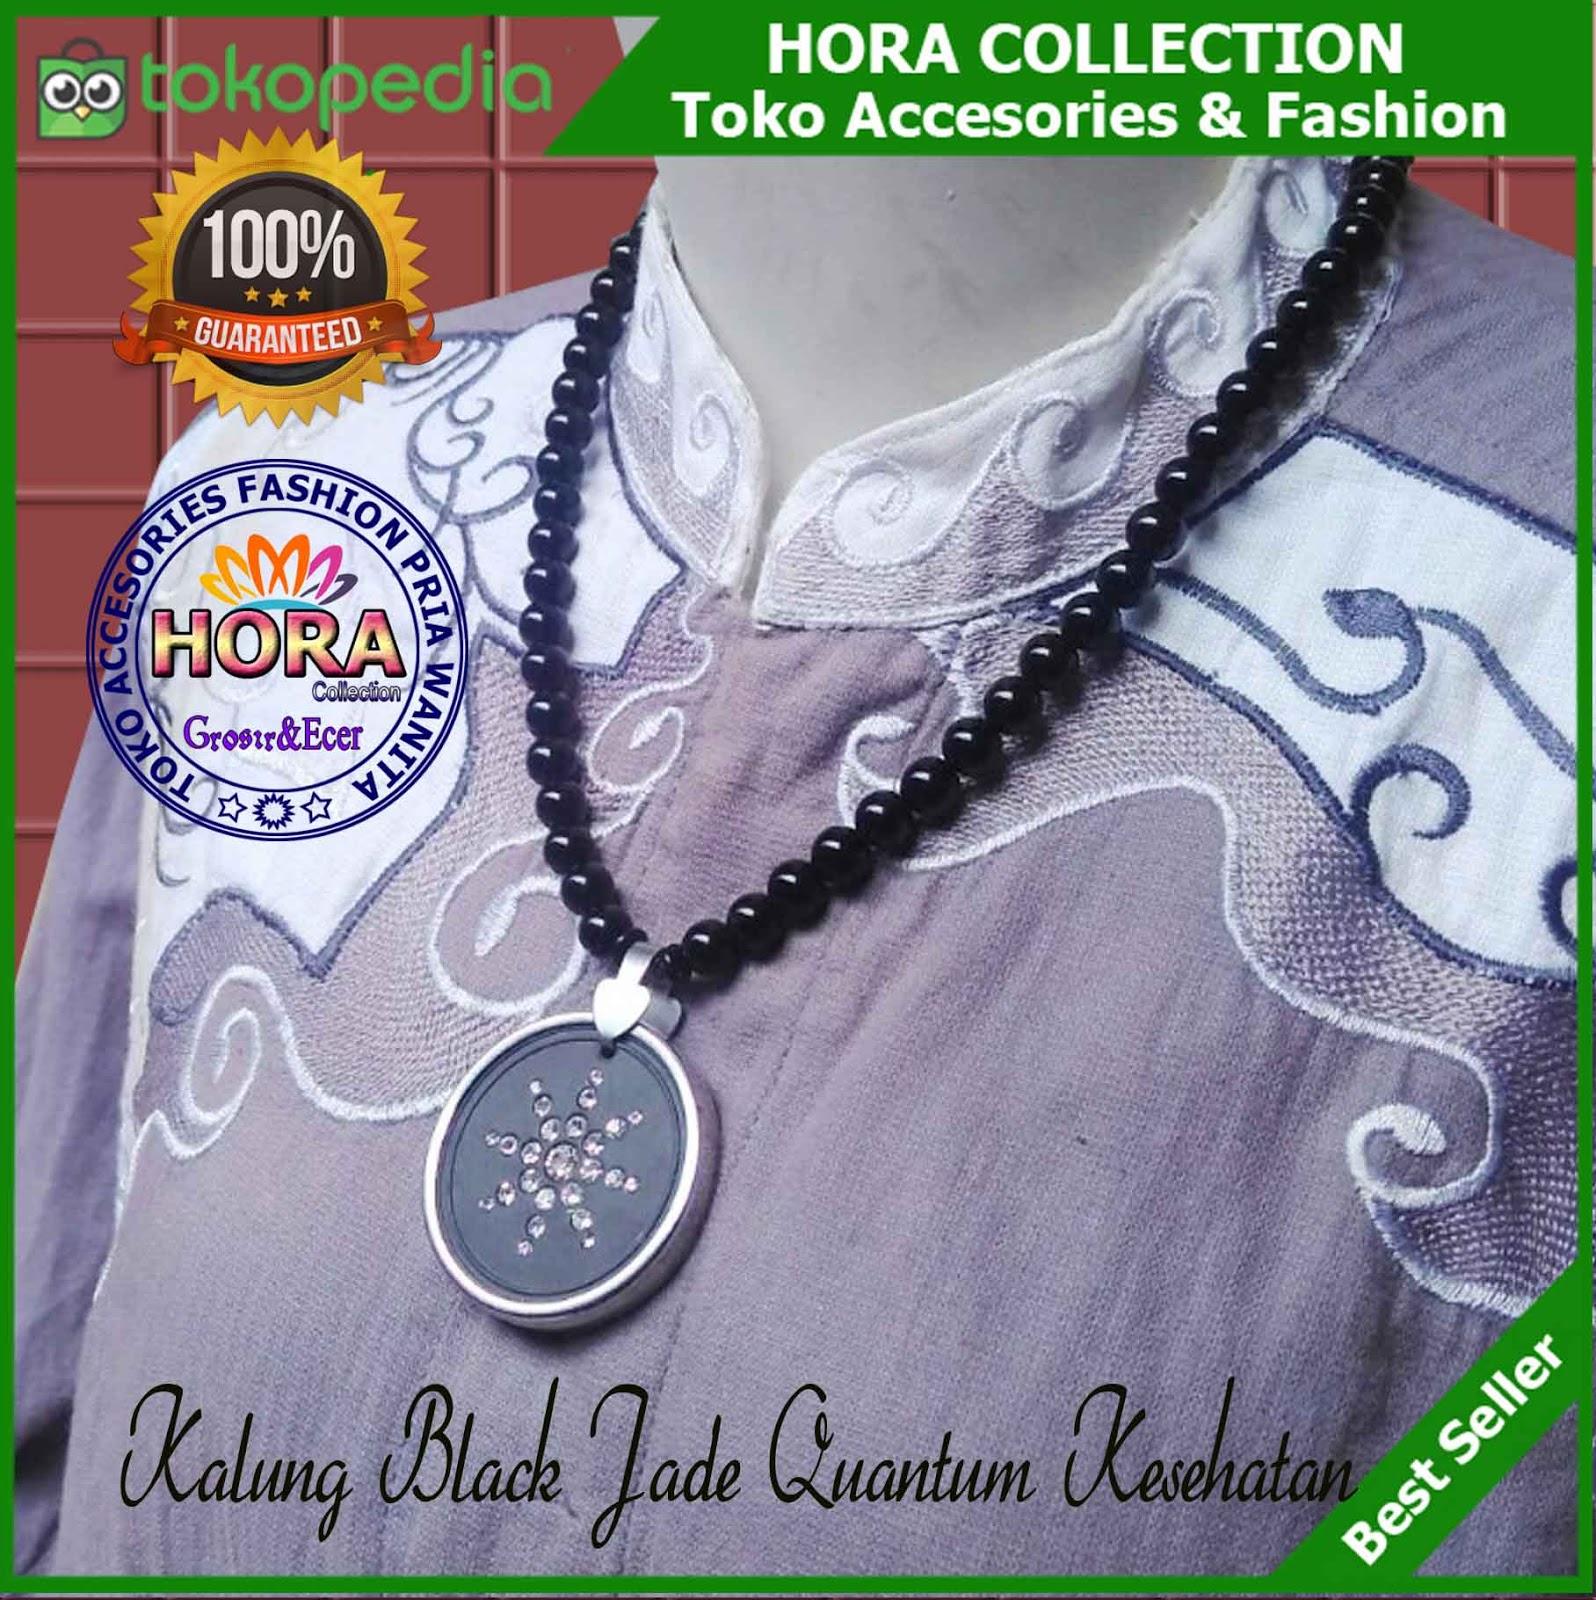 Ora Collection Hora H Kalung Black Jade Untuk Kesehatan Quantum Liontin Dengan Harga Rp 249900 Dari Toko Online Kudus Cari Produk Lainnya Di Tokopedia